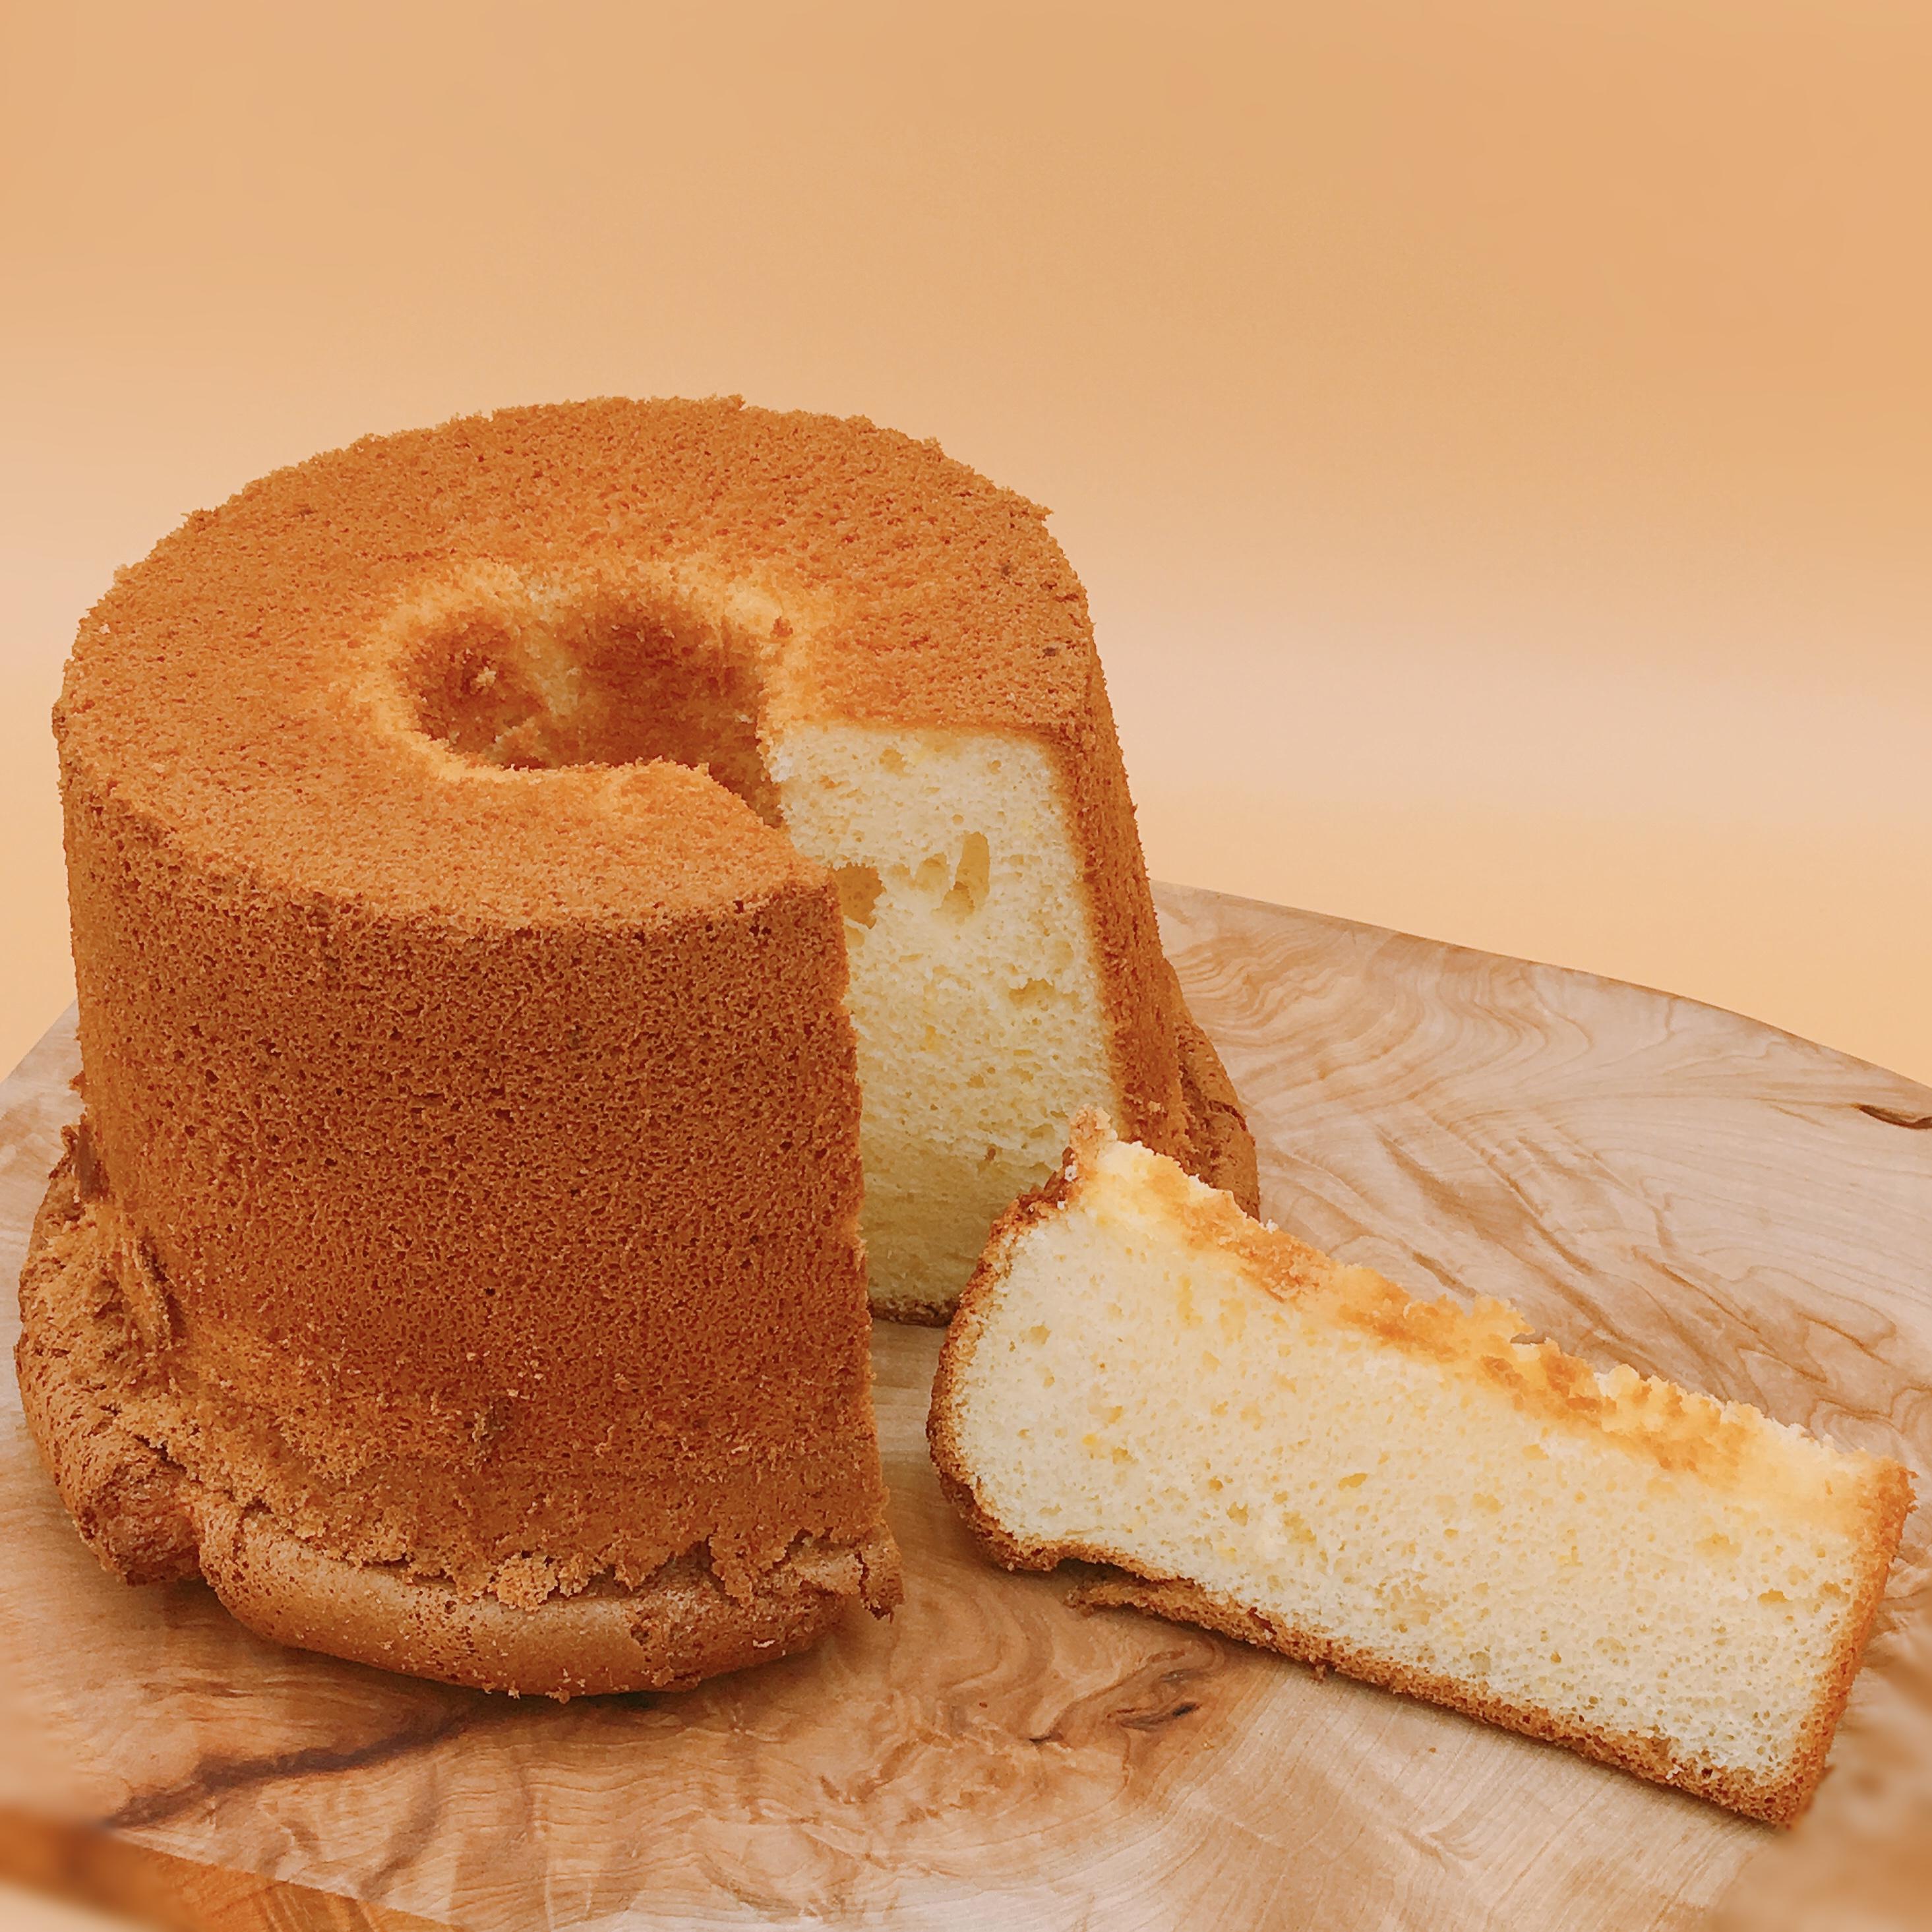 レモンシフォンケーキ(カット)